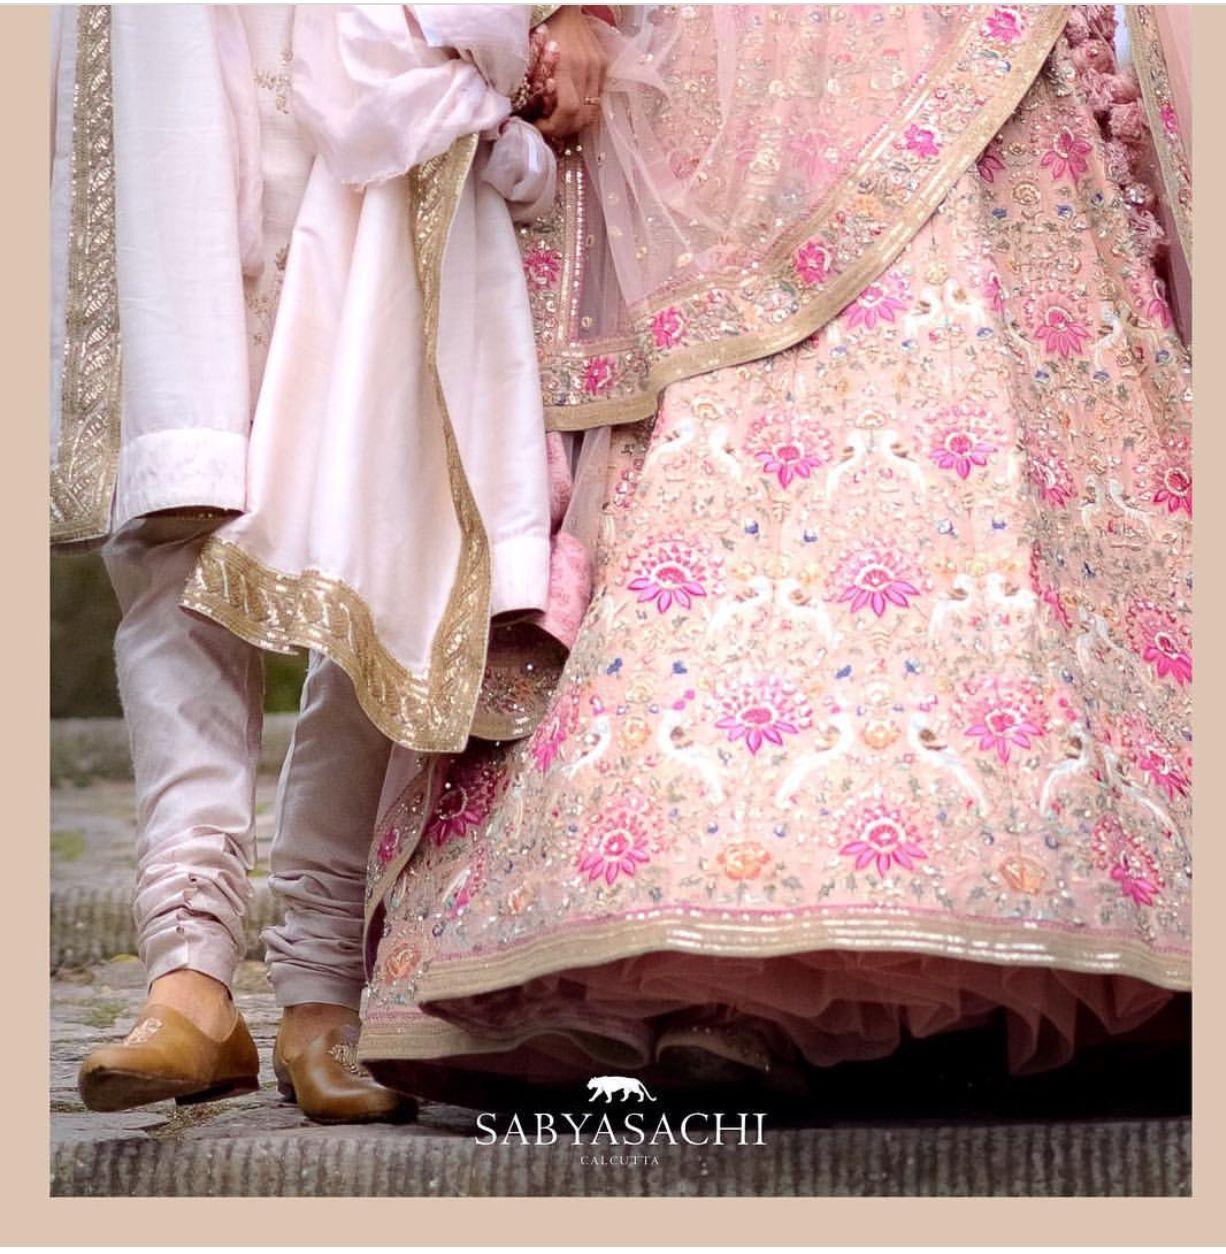 Sabyasachj Bridal Lehenga On Anushka Sharma.. Beautiful